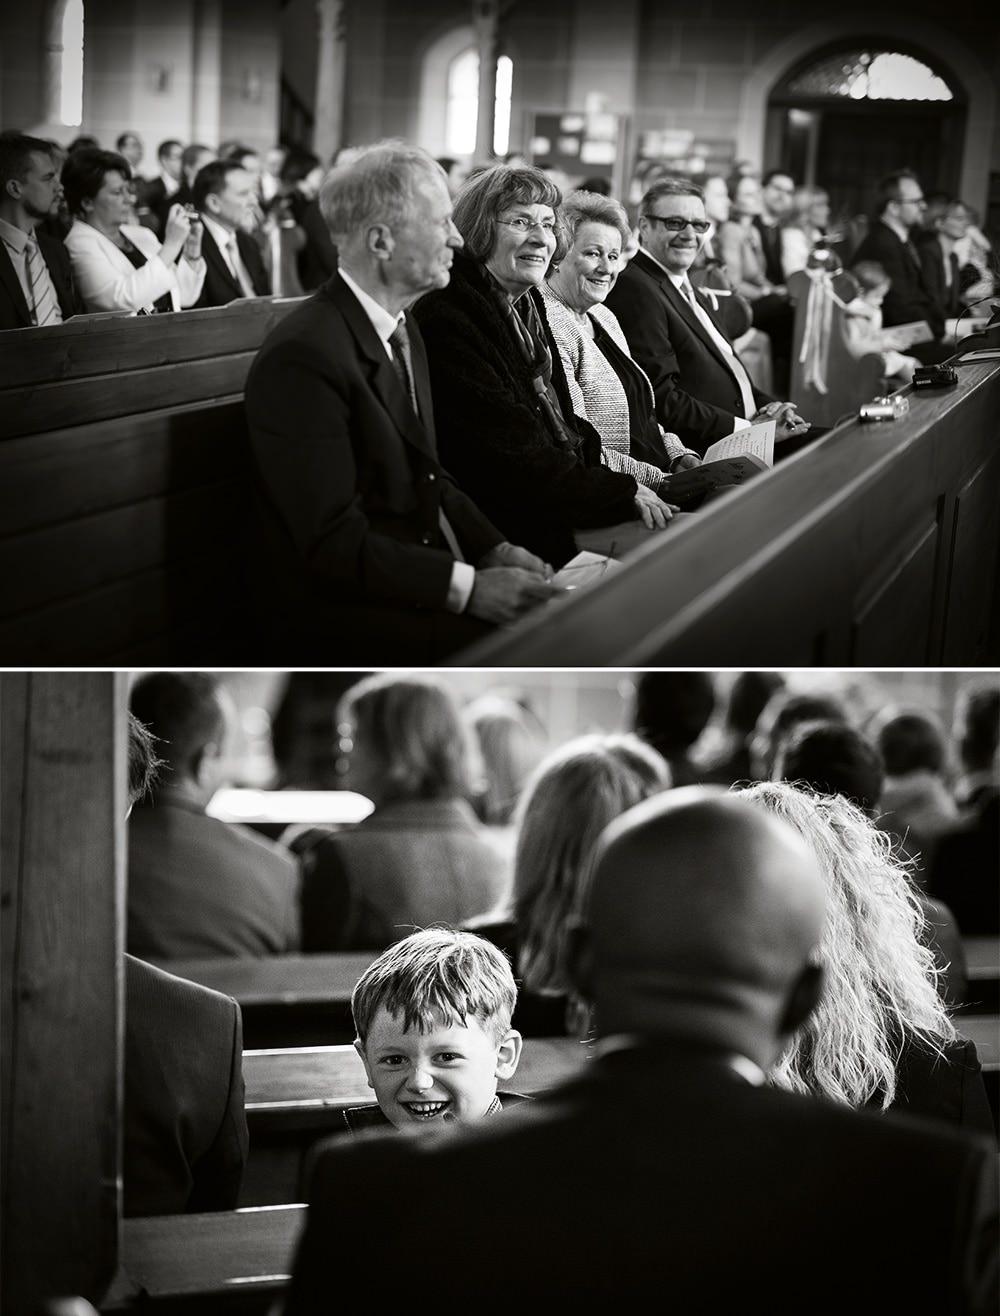 Hochzeitsfotograf-Hochzeitsfotos-Egloffstein-Burggaillenreuth-Fotograf-Max-Hoerath-Design-fränische-schweiz-hochzeit-Kirche-Trauung